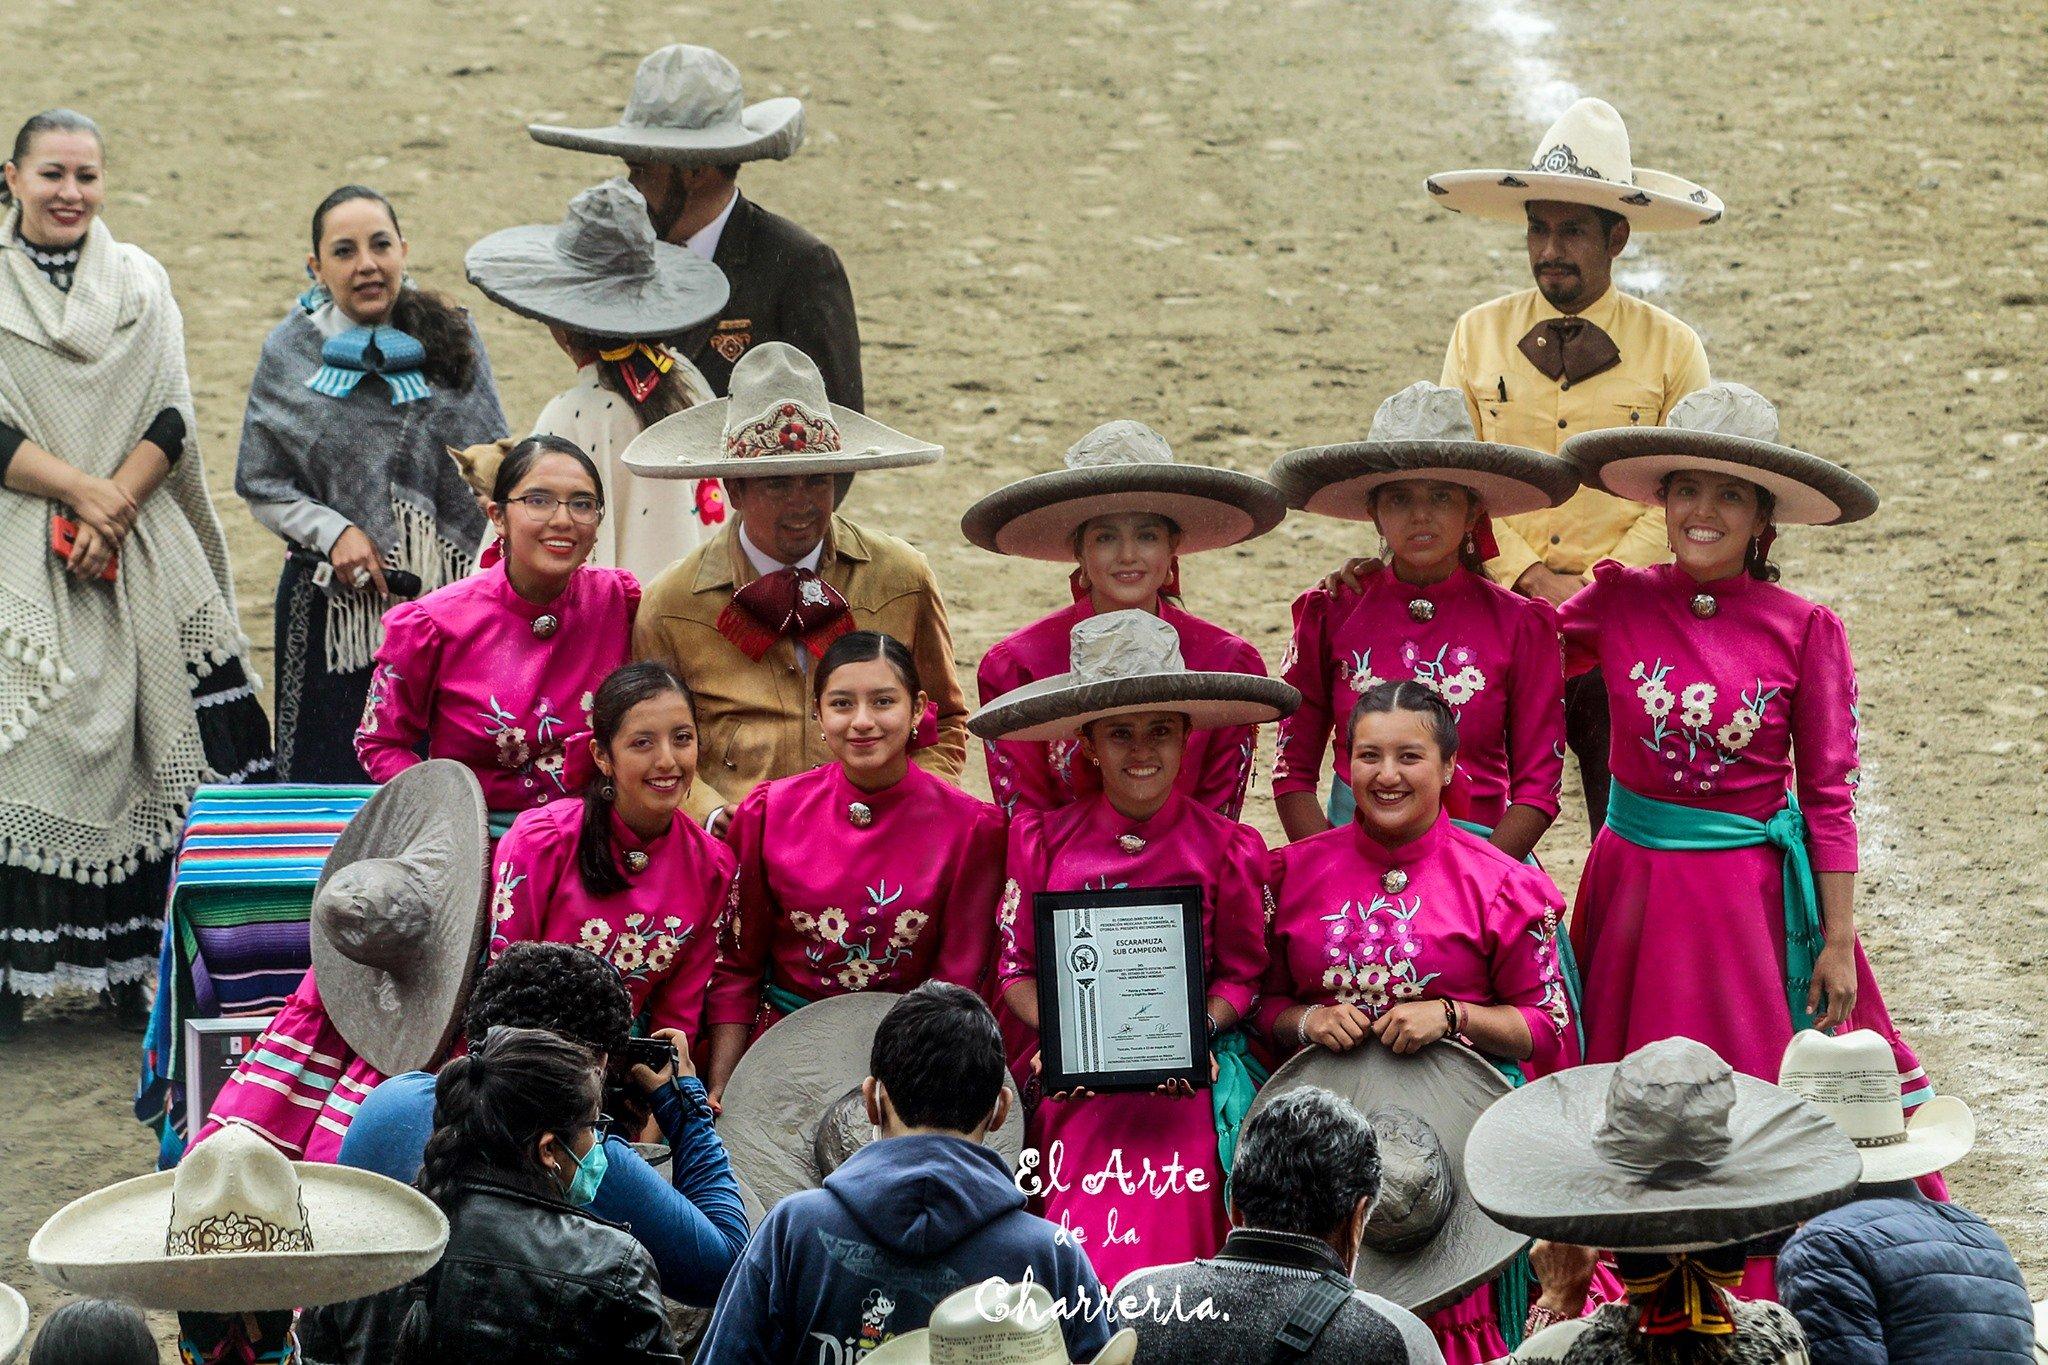 Sub Campeonas Estatales del Estado de Tlaxcala, Foto: Fuente El Arte de la Charrería